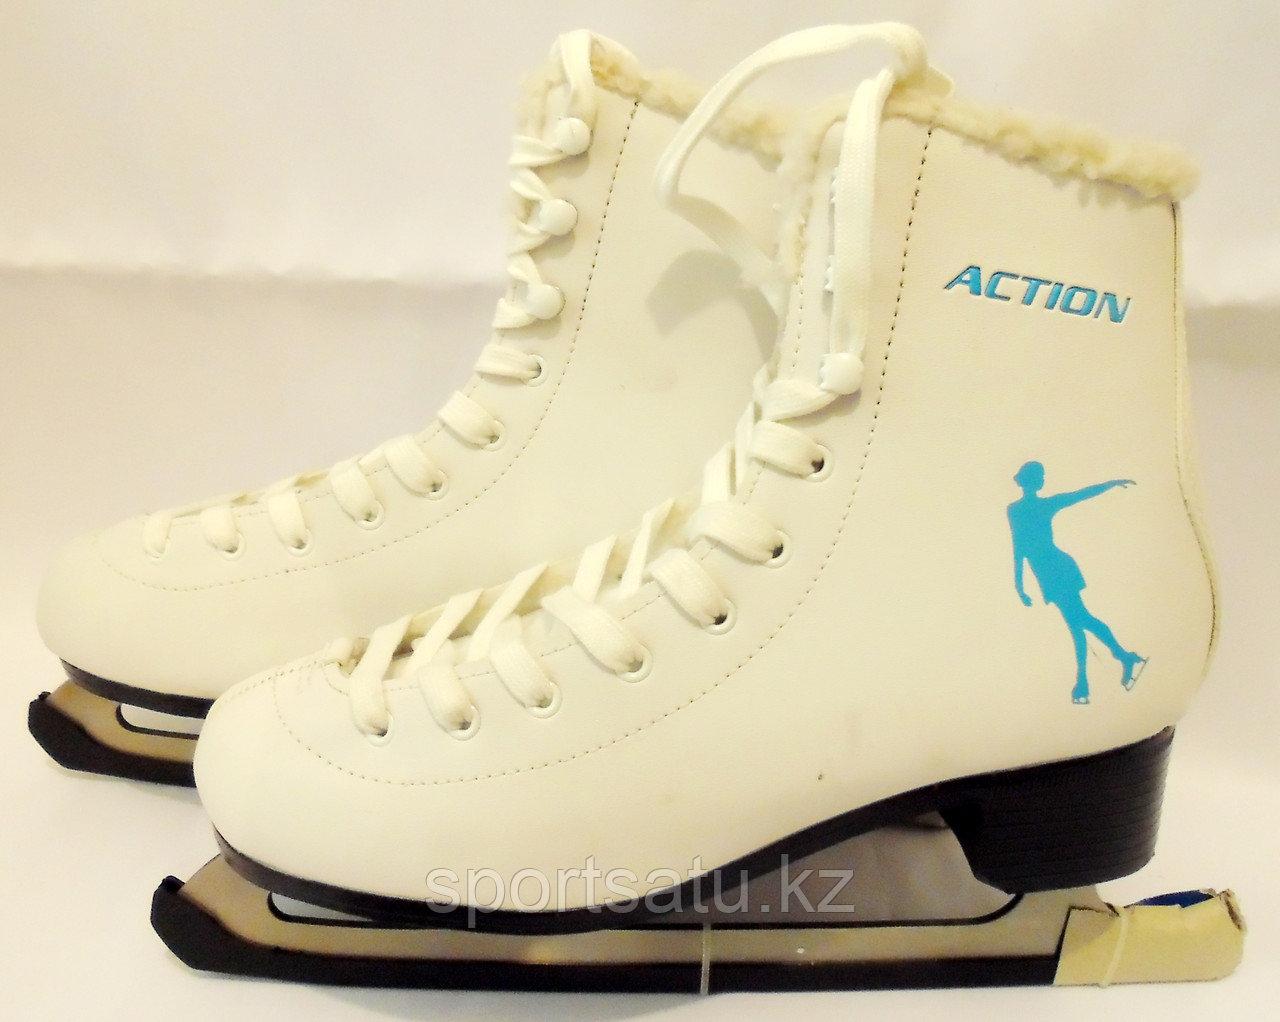 Ледовые коньки женские ACTION